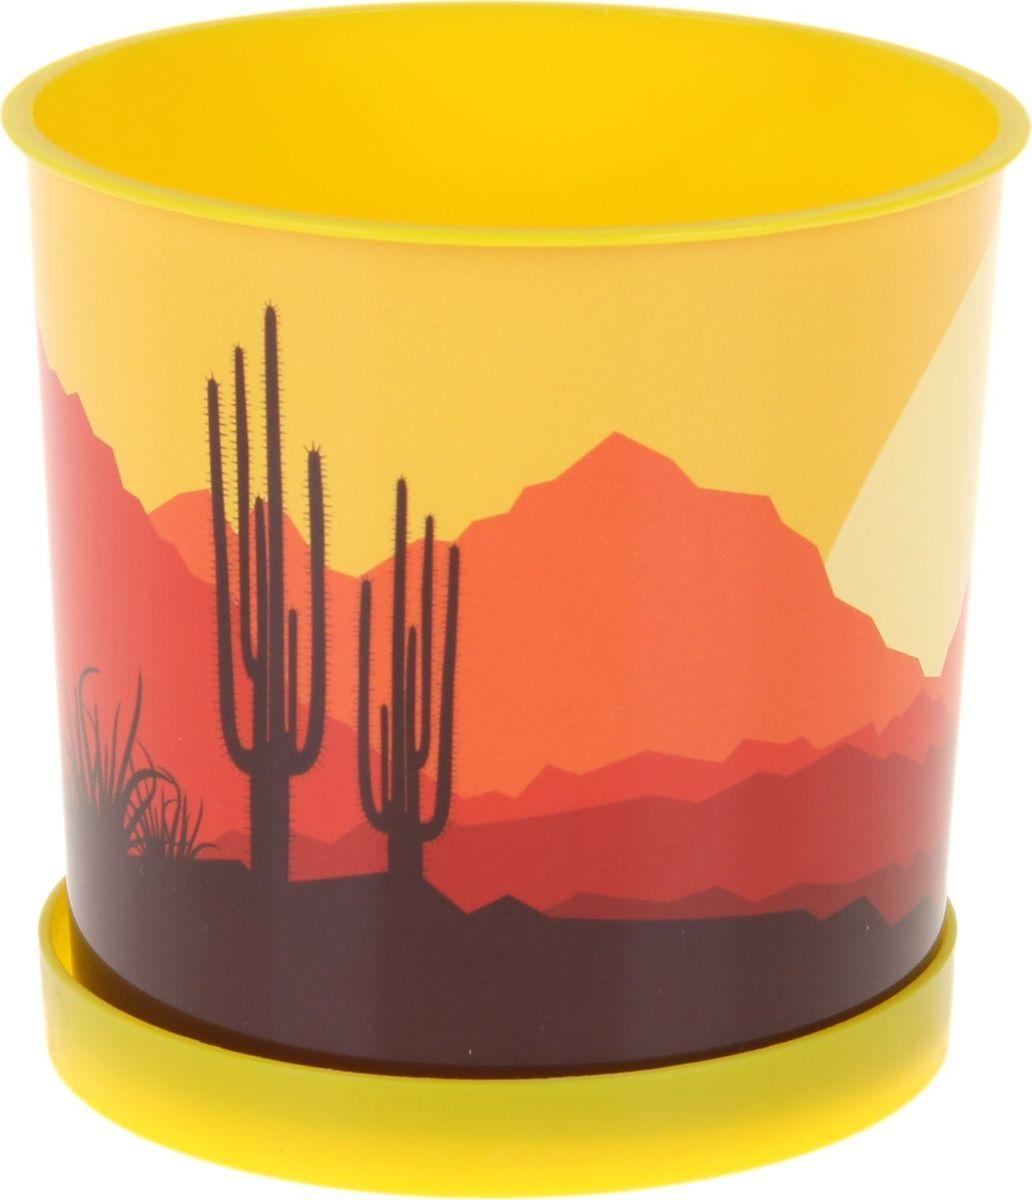 Горшок VesnaDecor Вечер в пустыне, для кактусов, с поддоном, 0,4 л531-401Любой, даже самый современный и продуманный интерьер будет не завершённым без растений. Они не только очищают воздух и насыщают его кислородом, но и заметно украшают окружающее пространство. Такому полезному члену семьи просто необходимо красивое и функциональное кашпо, оригинальный горшок или необычная ваза! Мы предлагаем - Горшок для кактусов 400 мл, d=8,7 см Вечер в пустыне, с поддоном! Оптимальный выбор материала пластмасса! Почему мы так считаем? -Малый вес. С лёгкостью переносите горшки и кашпо с места на место, ставьте их на столики или полки, подвешивайте под потолок, не беспокоясь о нагрузке. -Простота ухода. Пластиковые изделия не нуждаются в специальных условиях хранения. Их легко чистить достаточно просто сполоснуть тёплой водой. -Никаких царапин. Пластиковые кашпо не царапают и не загрязняют поверхности, на которых стоят. -Пластик дольше хранит влагу, а значит растение реже нуждается в поливе. -Пластмасса не пропускает воздух корневой системе растения не грозят резкие перепады температур. -Огромный выбор форм, декора и расцветок вы без труда подберёте что-то, что идеально впишется в уже существующий интерьер. Соблюдая нехитрые правила ухода, вы можете заметно продлить срок службы горшков, вазонов и кашпо из пластика: -всегда учитывайте размер кроны и корневой системы растения (при разрастании большое растение способно повредить маленький горшок)-берегите изделие от воздействия прямых солнечных лучей, чтобы кашпо и горшки не выцветали-держите кашпо и горшки из пластика подальше от нагревающихся поверхностей. Создавайте прекрасные цветочные композиции, выращивайте рассаду или необычные растения, а низкие цены позволят вам не ограничивать себя в выборе.